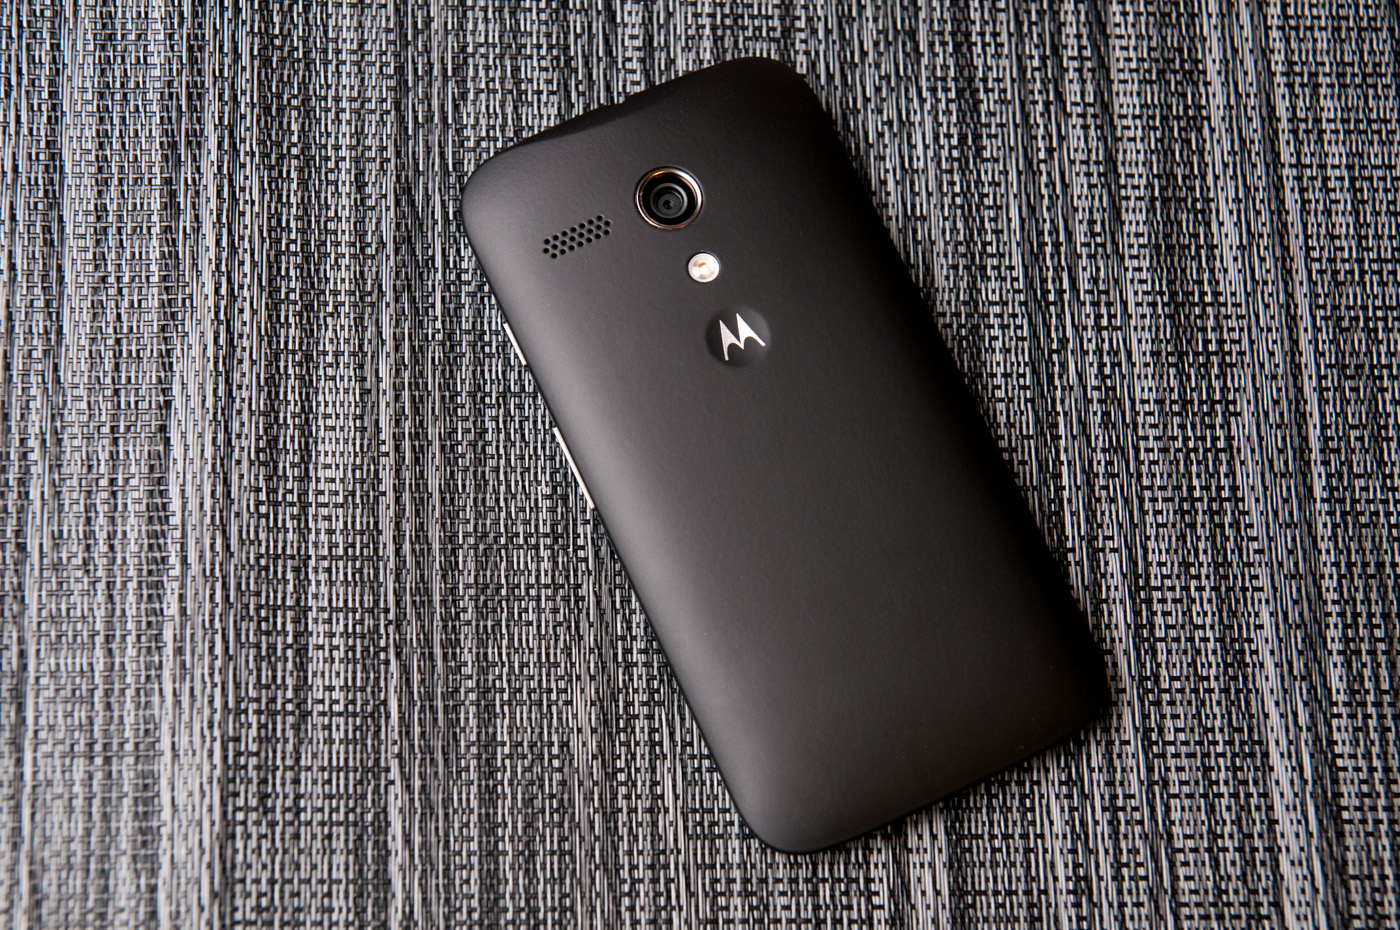 Motorola Moto E: mais informações vazam, reforçando existência do aparelho